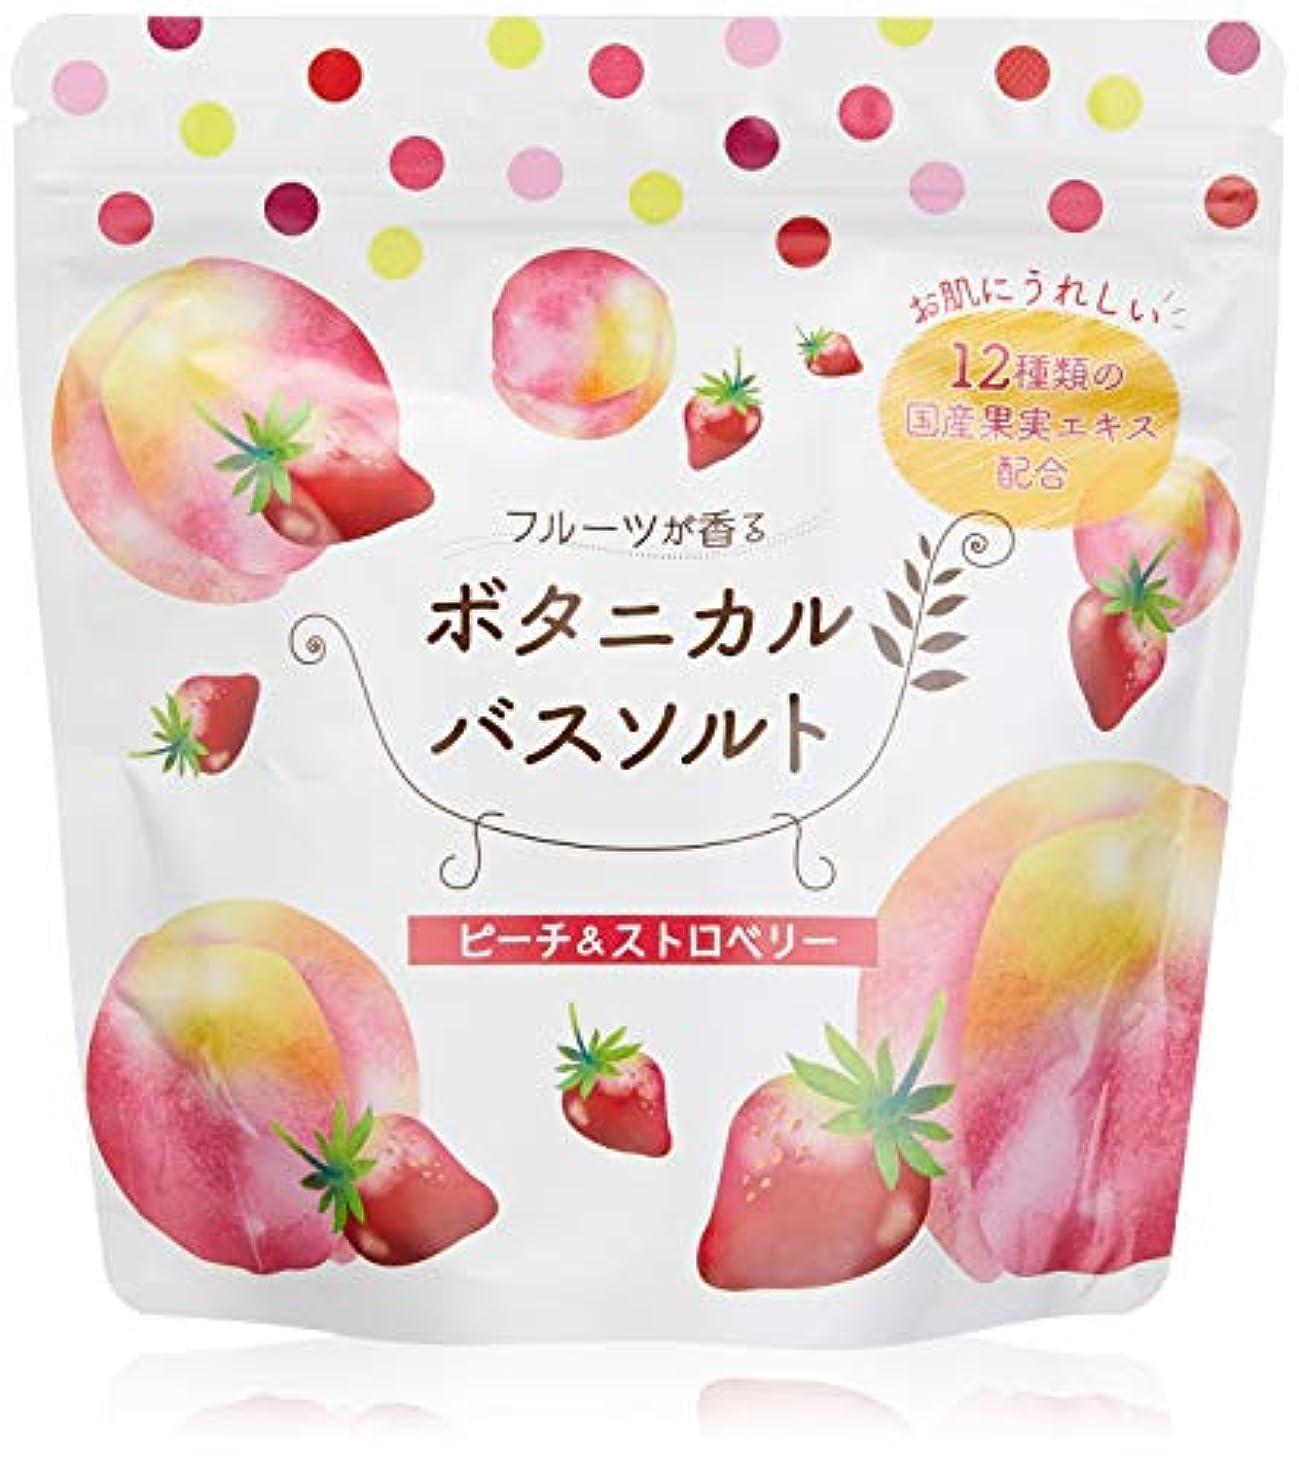 絵受信機台風松田医薬品 フルーツが香るボタニカルバスソルト ピーチ&ストロベリー 450g